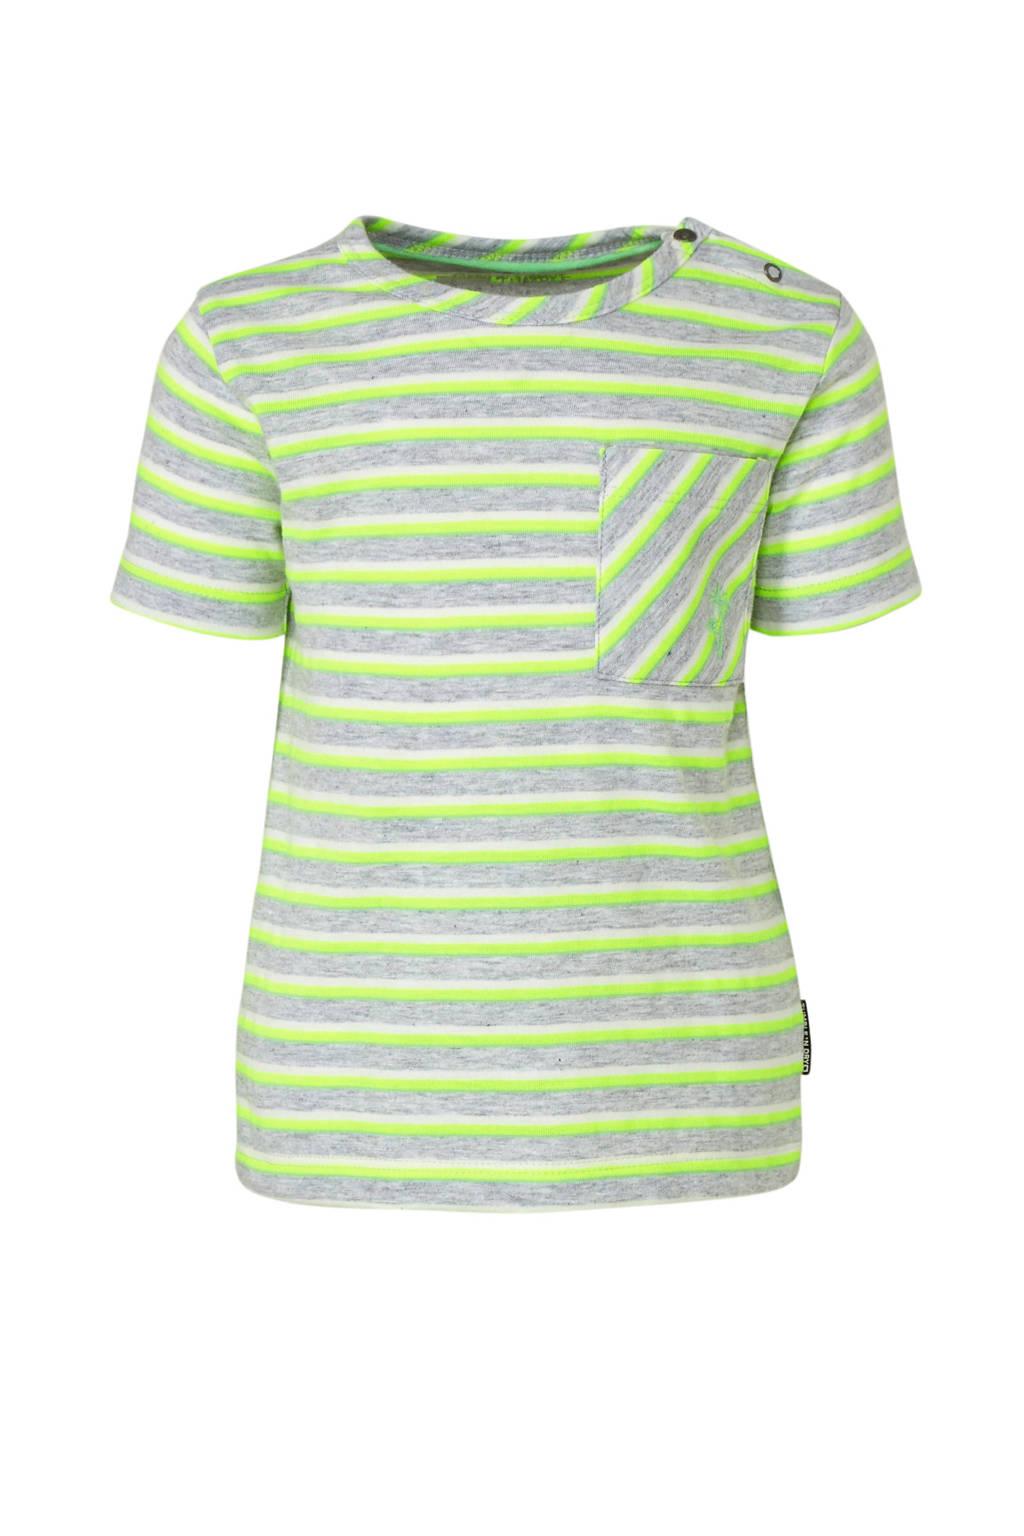 Tumble 'n Dry Lo gestreept regular fit T-shirt Teijo grijs/groen/wit, Grijs/groen/wit